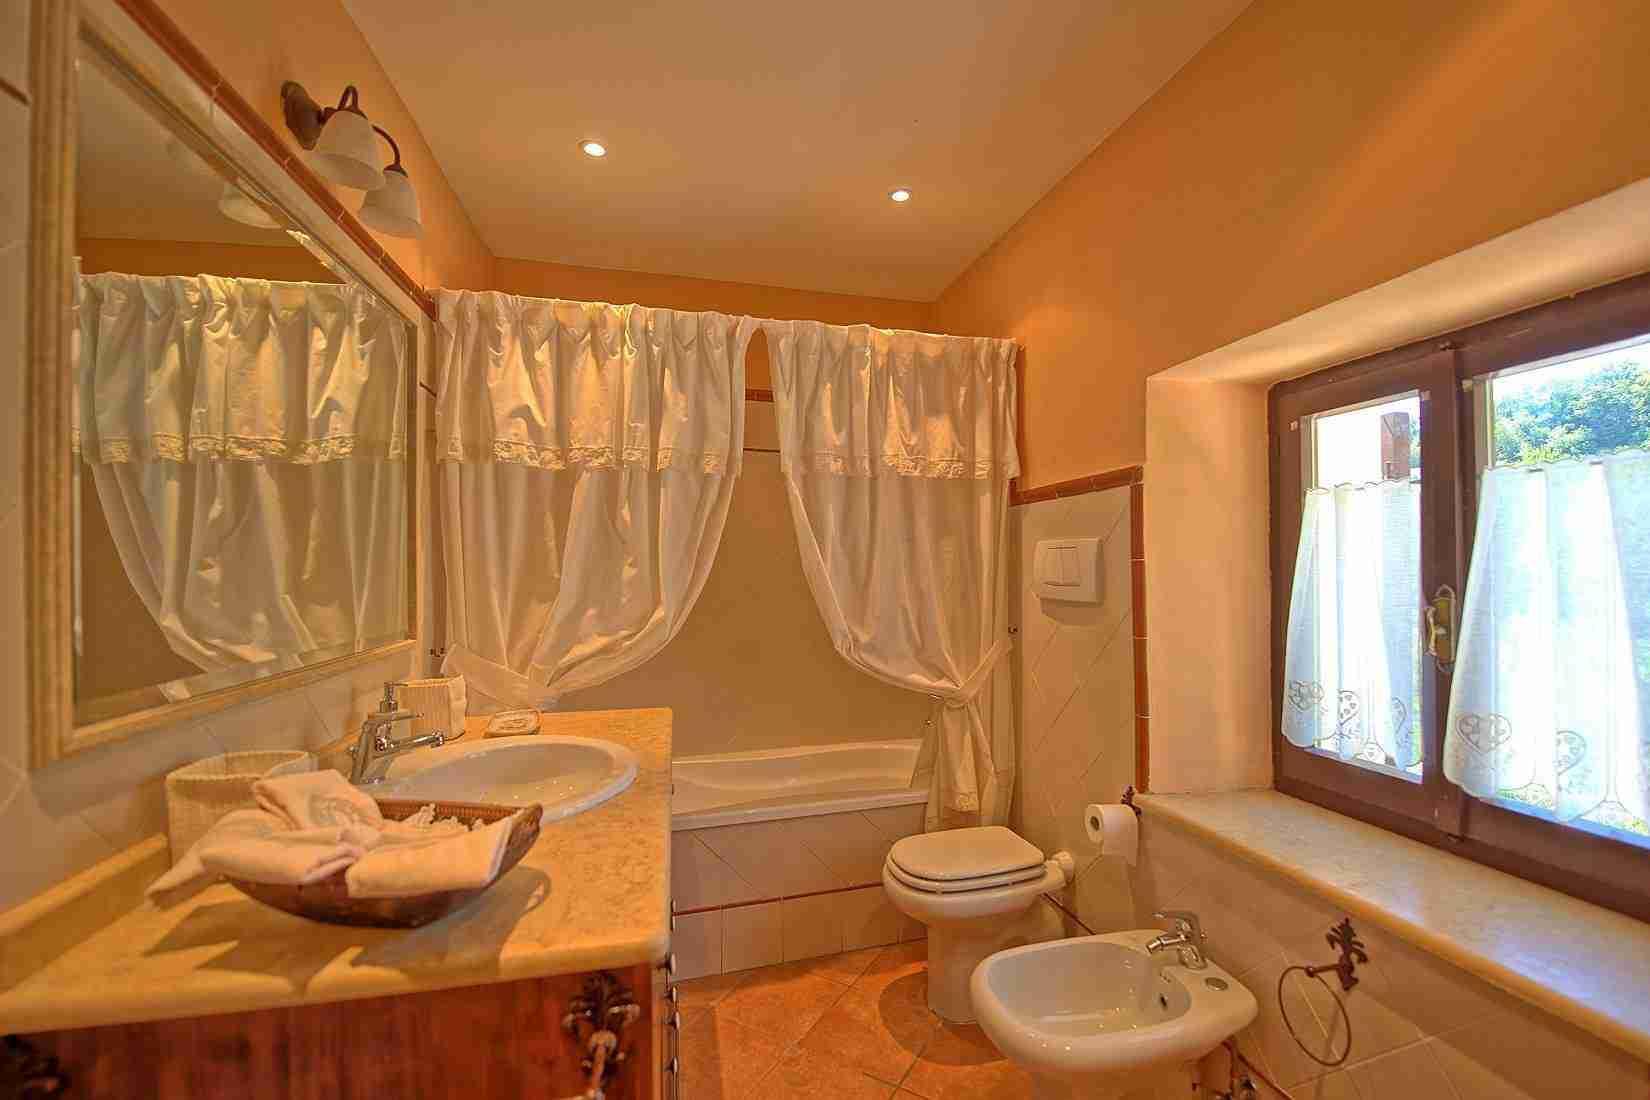 14 Clara bathroom